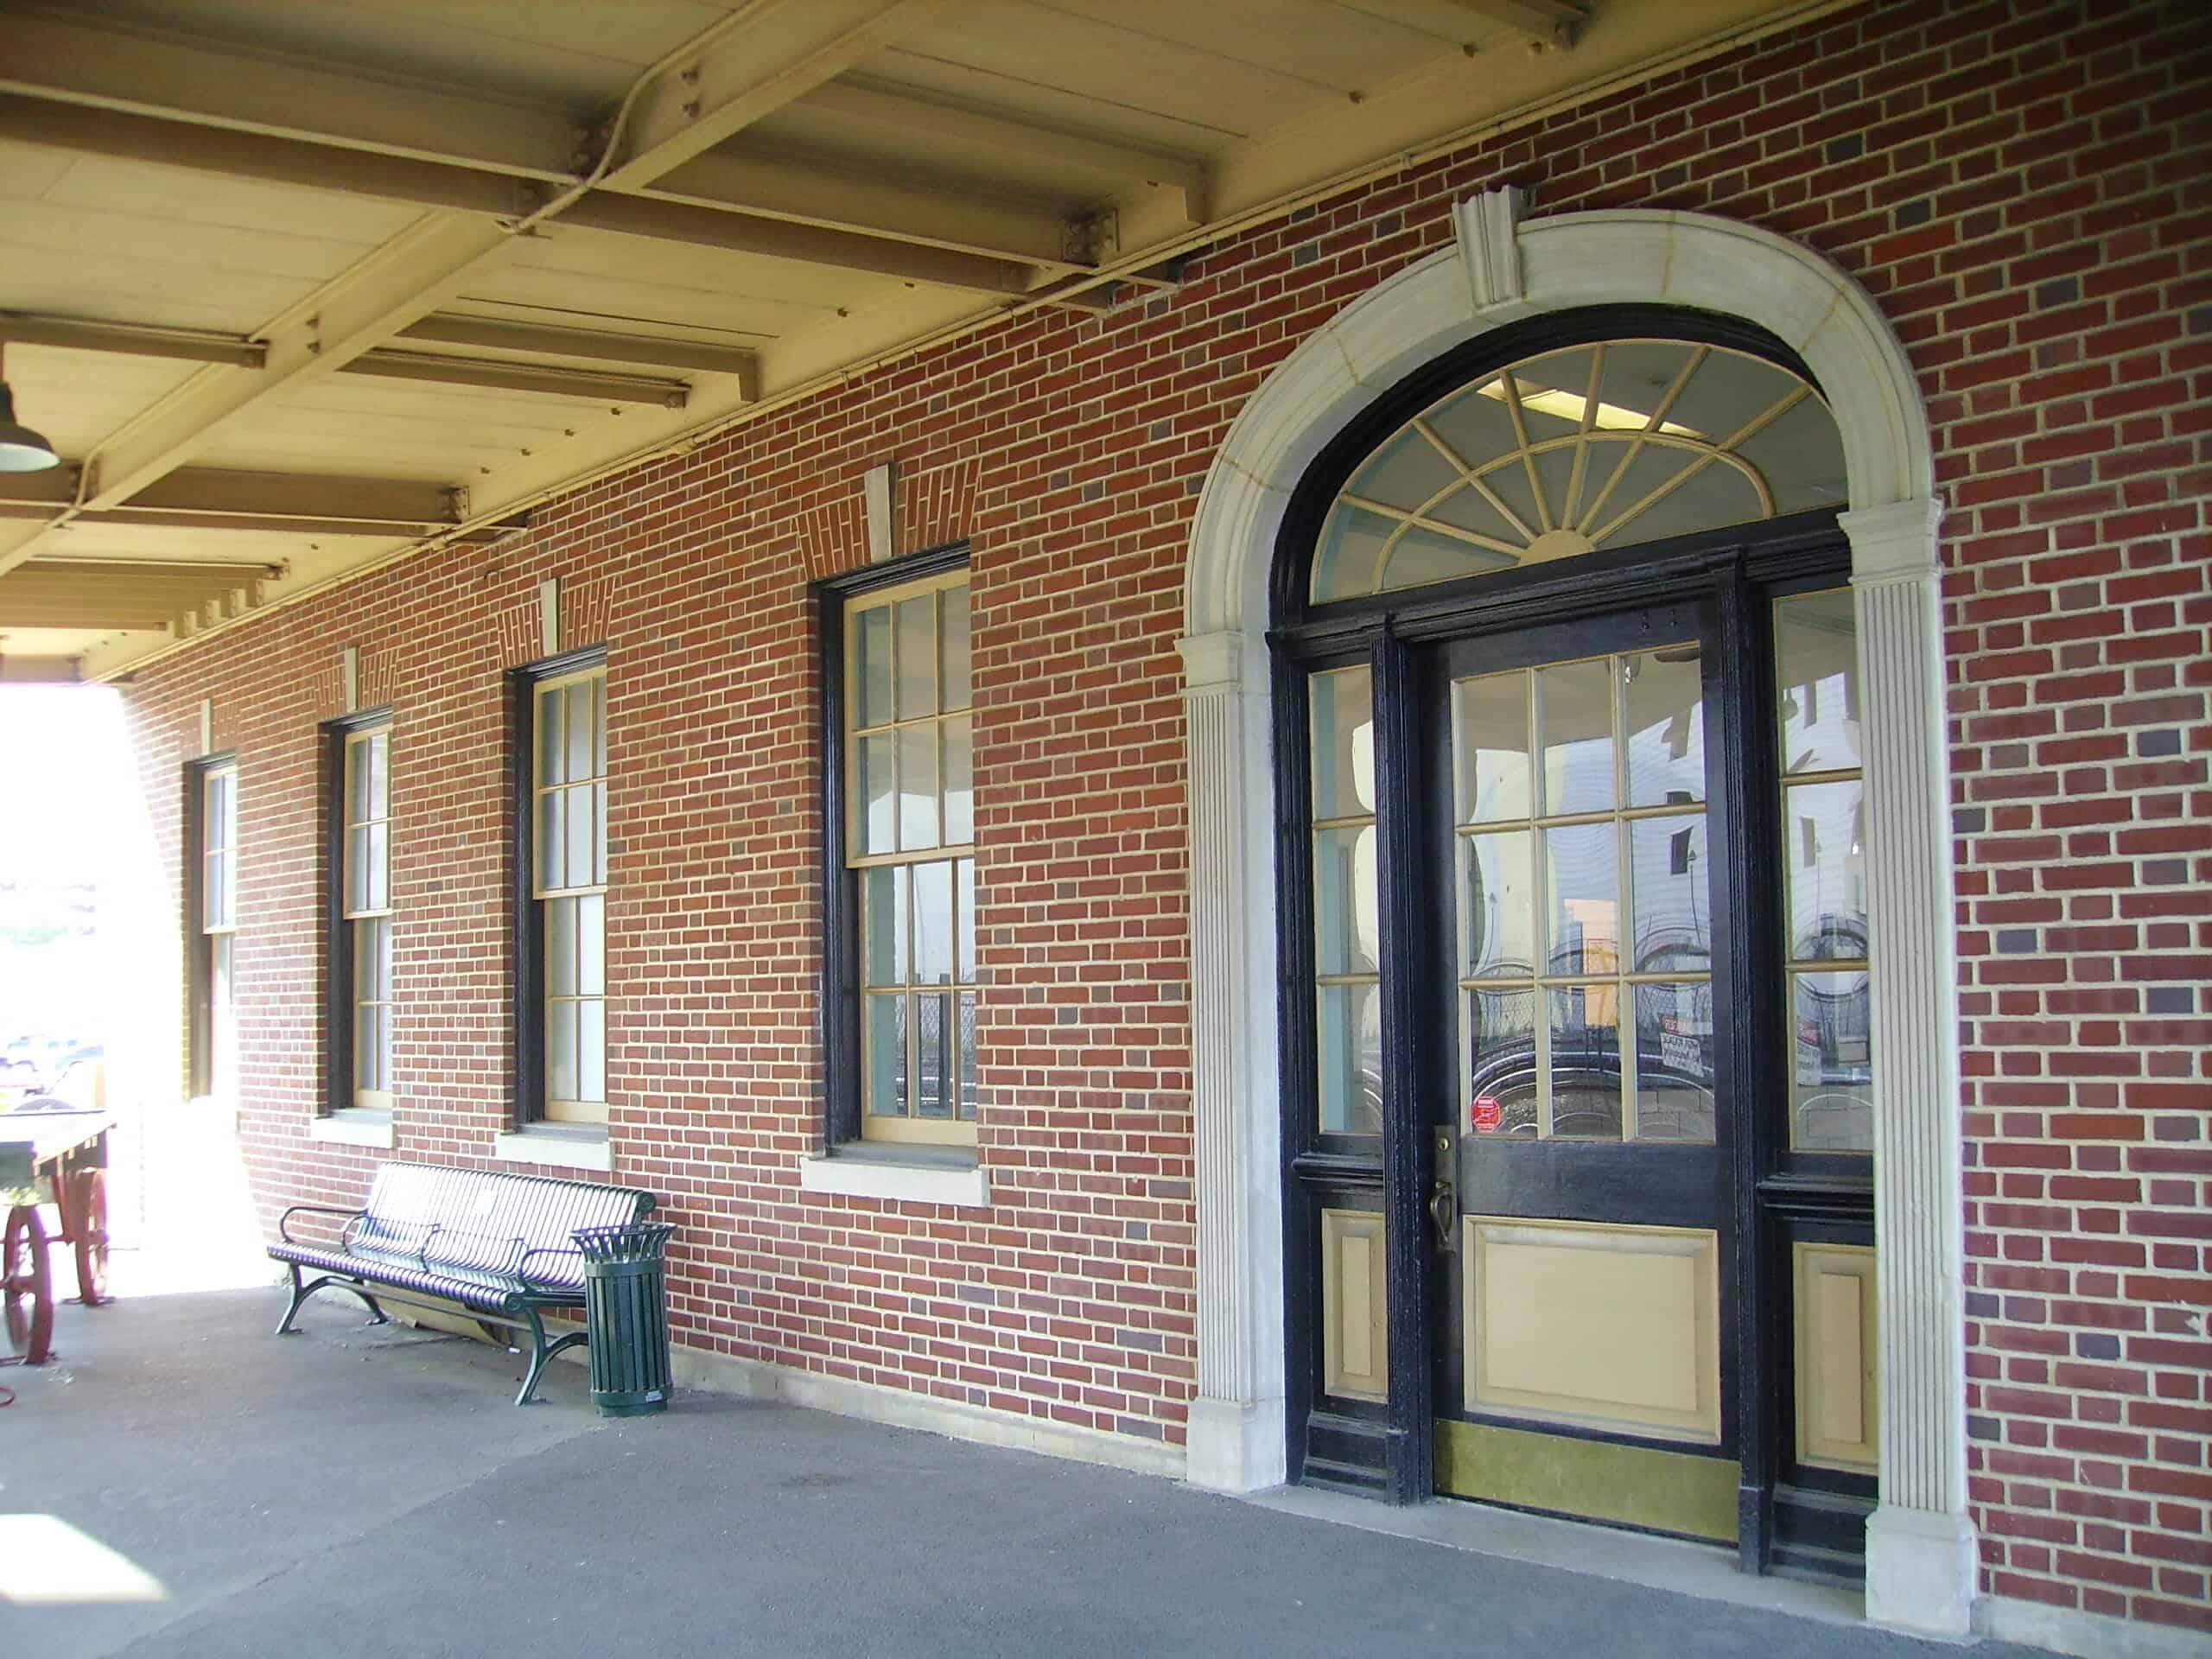 B&O Station